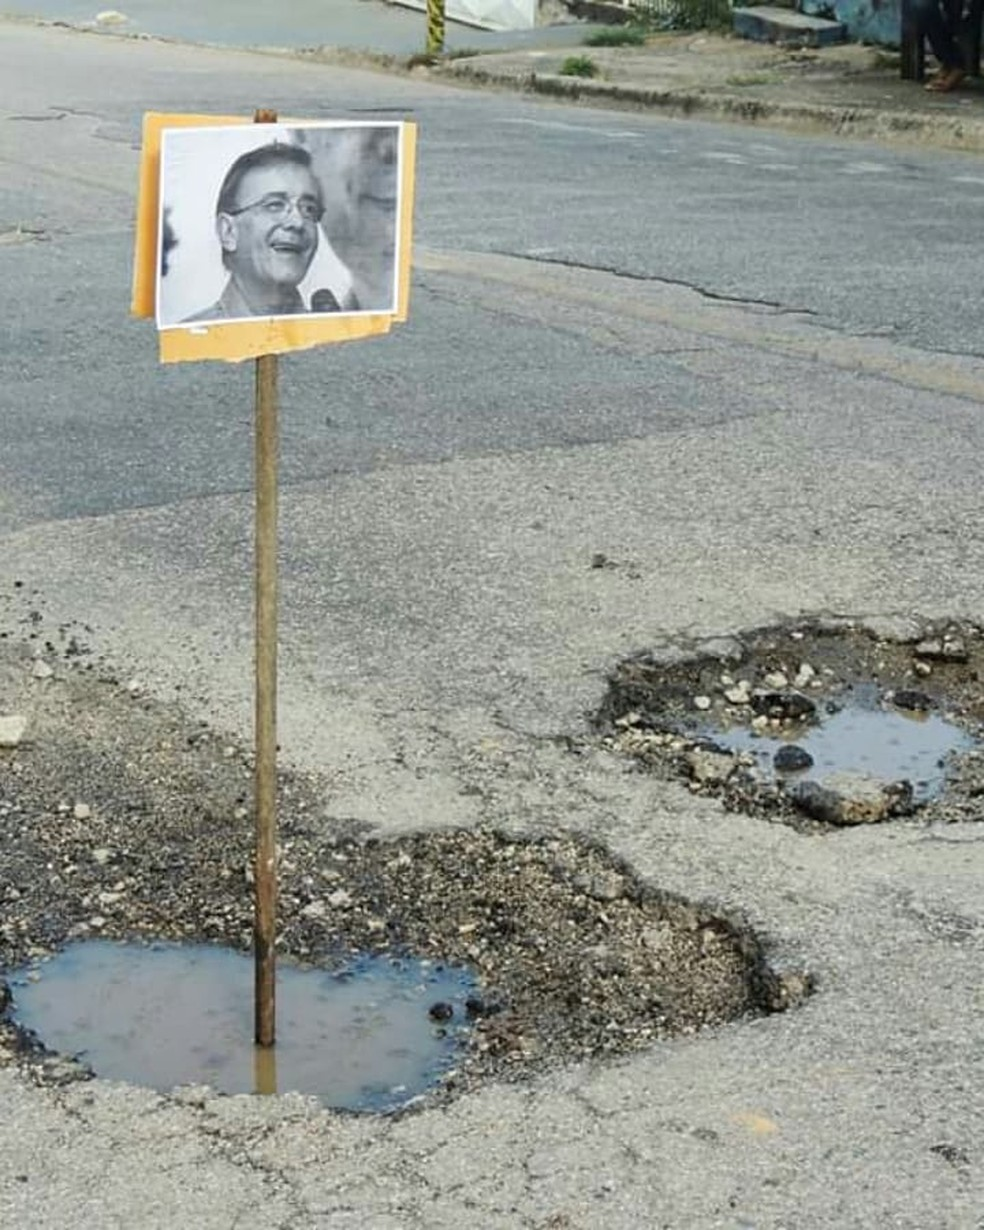 Placas foram colocadas em buracos no asfalto em Sorocaba — Foto: Arquivo pessoal